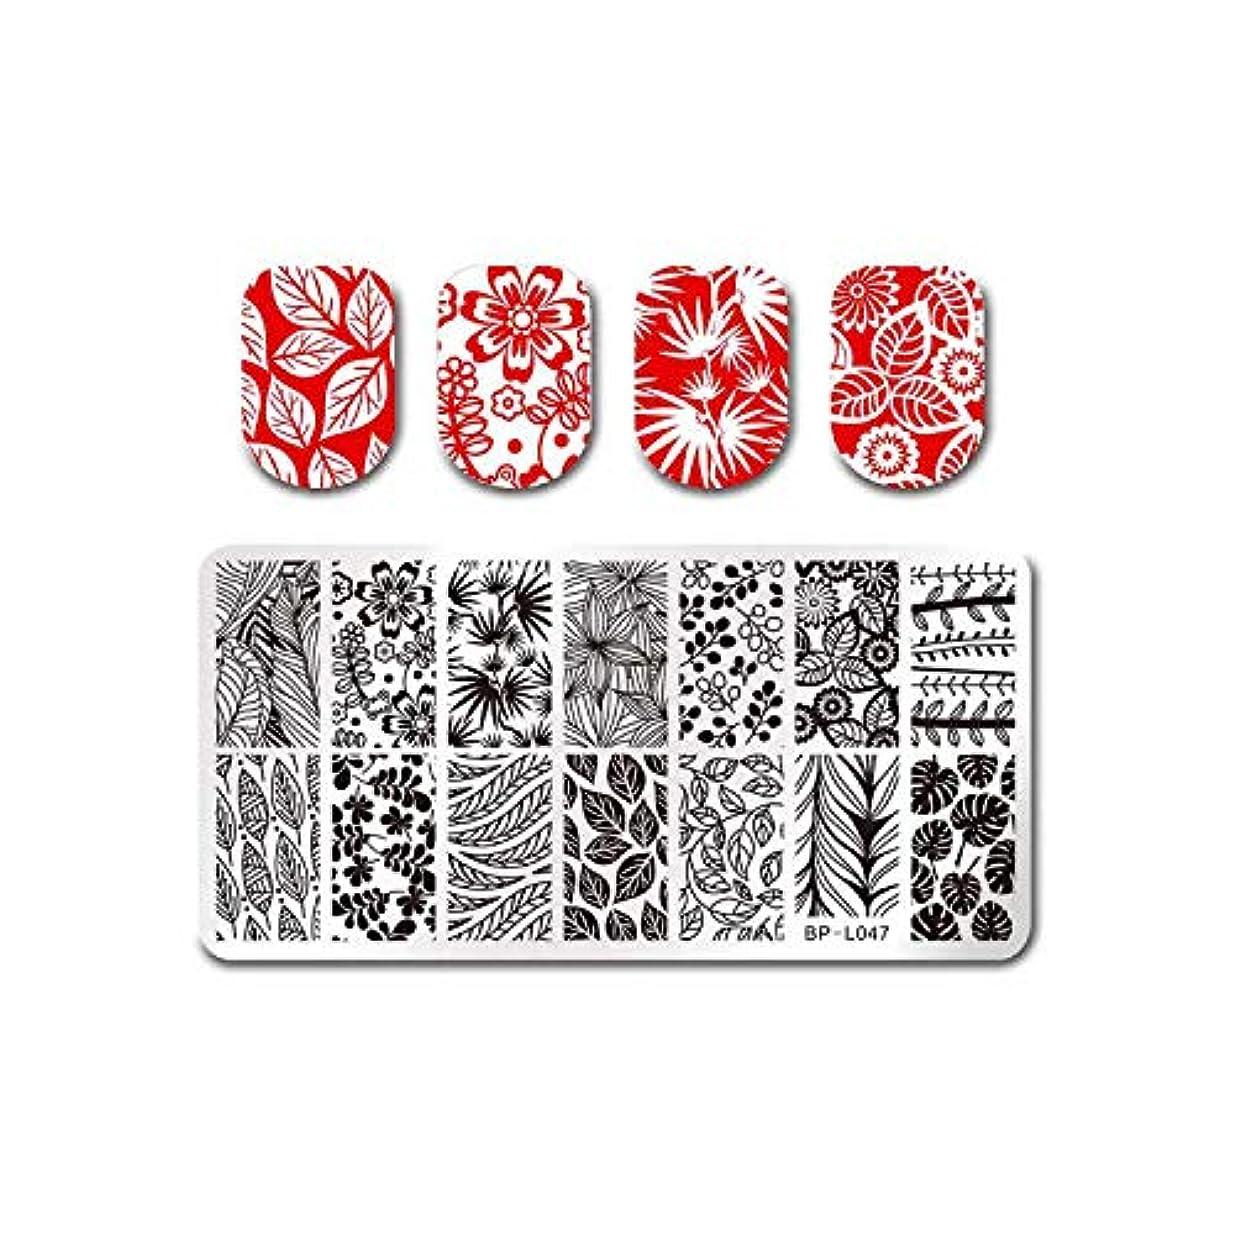 飢えた磁器戻るフルーツネイルアートスタンピングテンプレートトロピカルパンチパターン長方形イメージプレートスタンピング,BP-L047